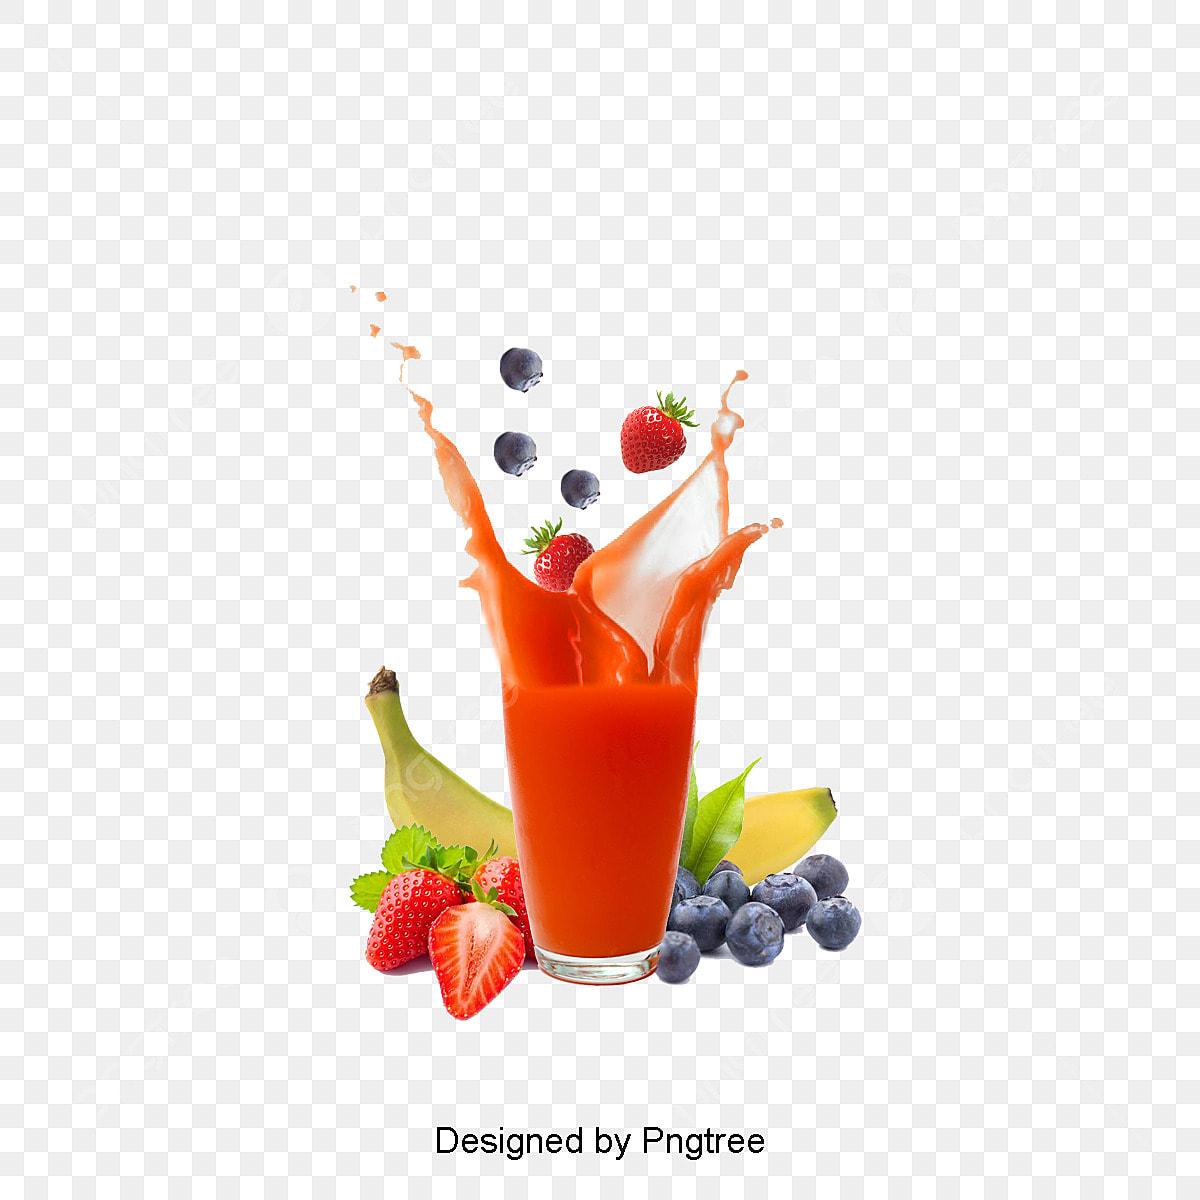 gambar jus buah buahan buah clipart buah jus buah buahan jus buah buahan png dan psd untuk muat turun percuma https ms pngtree com freepng fruit juice 630580 html